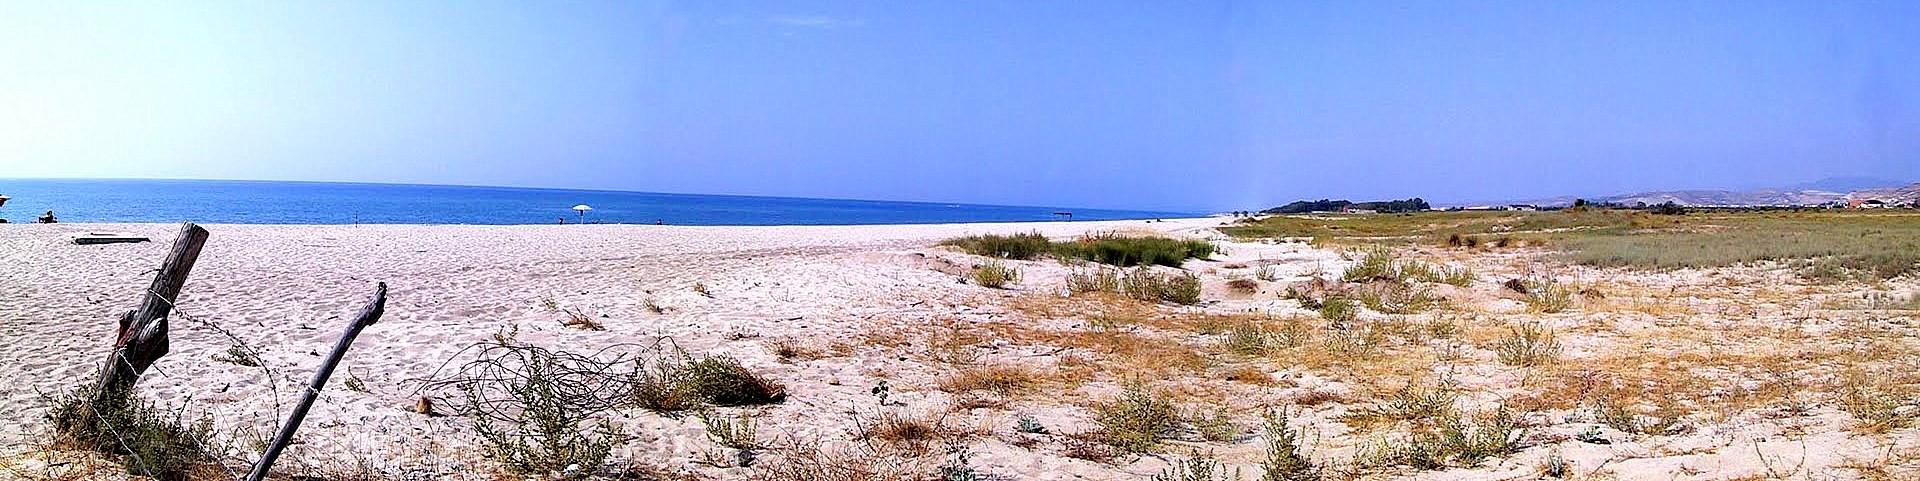 Belcastro Marina, kilometry volných pláží s bělostným pískem